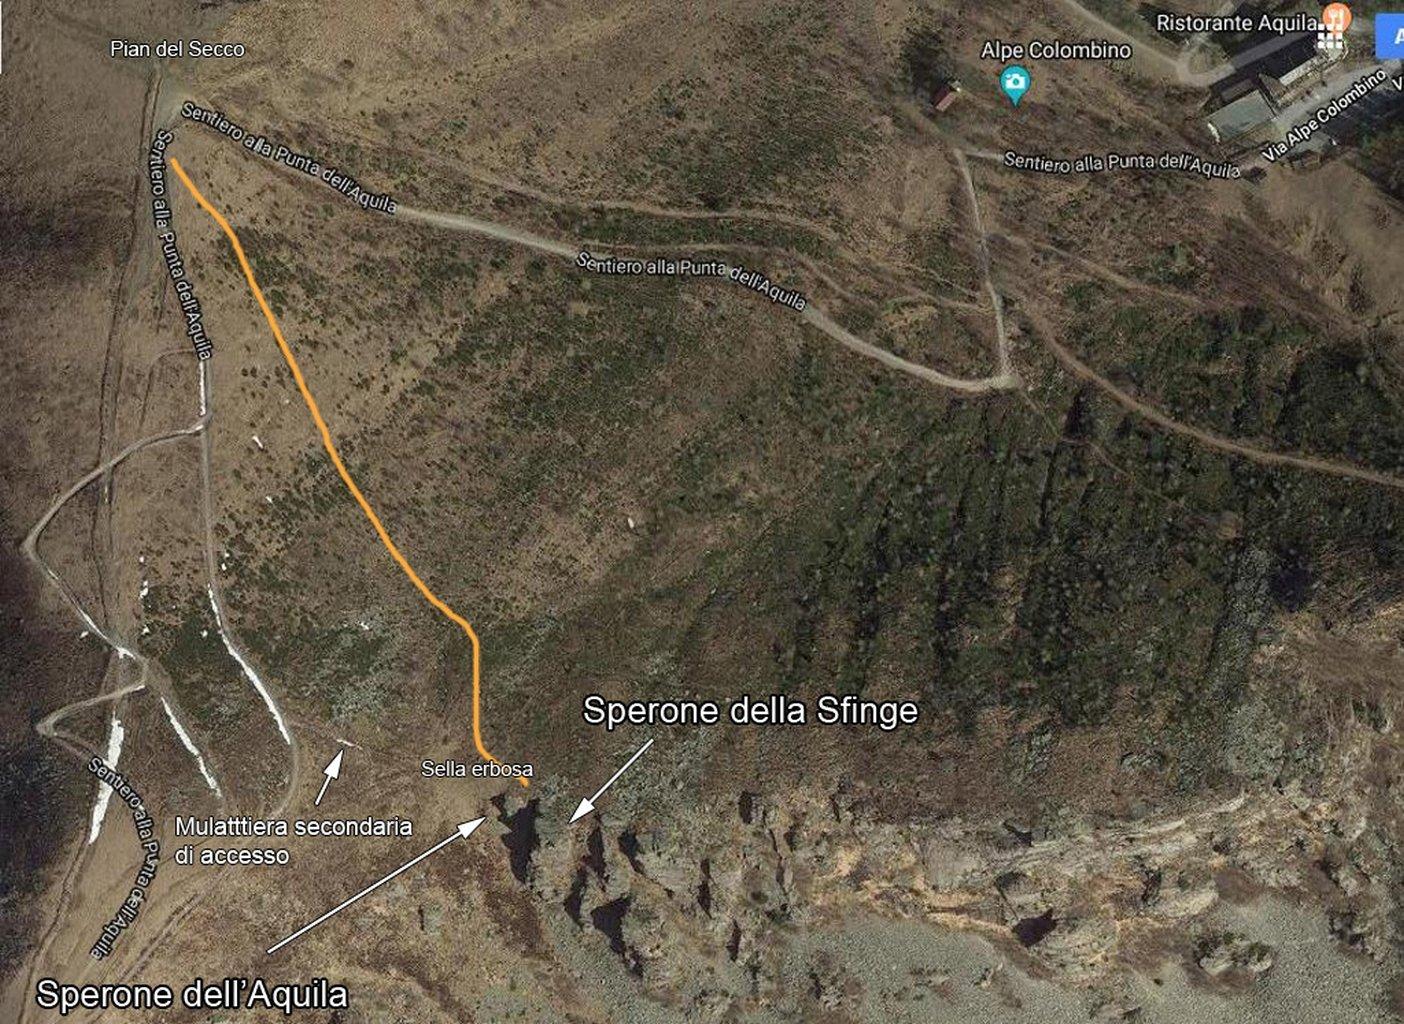 Piantina di accesso.. La traccia arancione è la traccia di sentiero che risale i pendii erbosi.